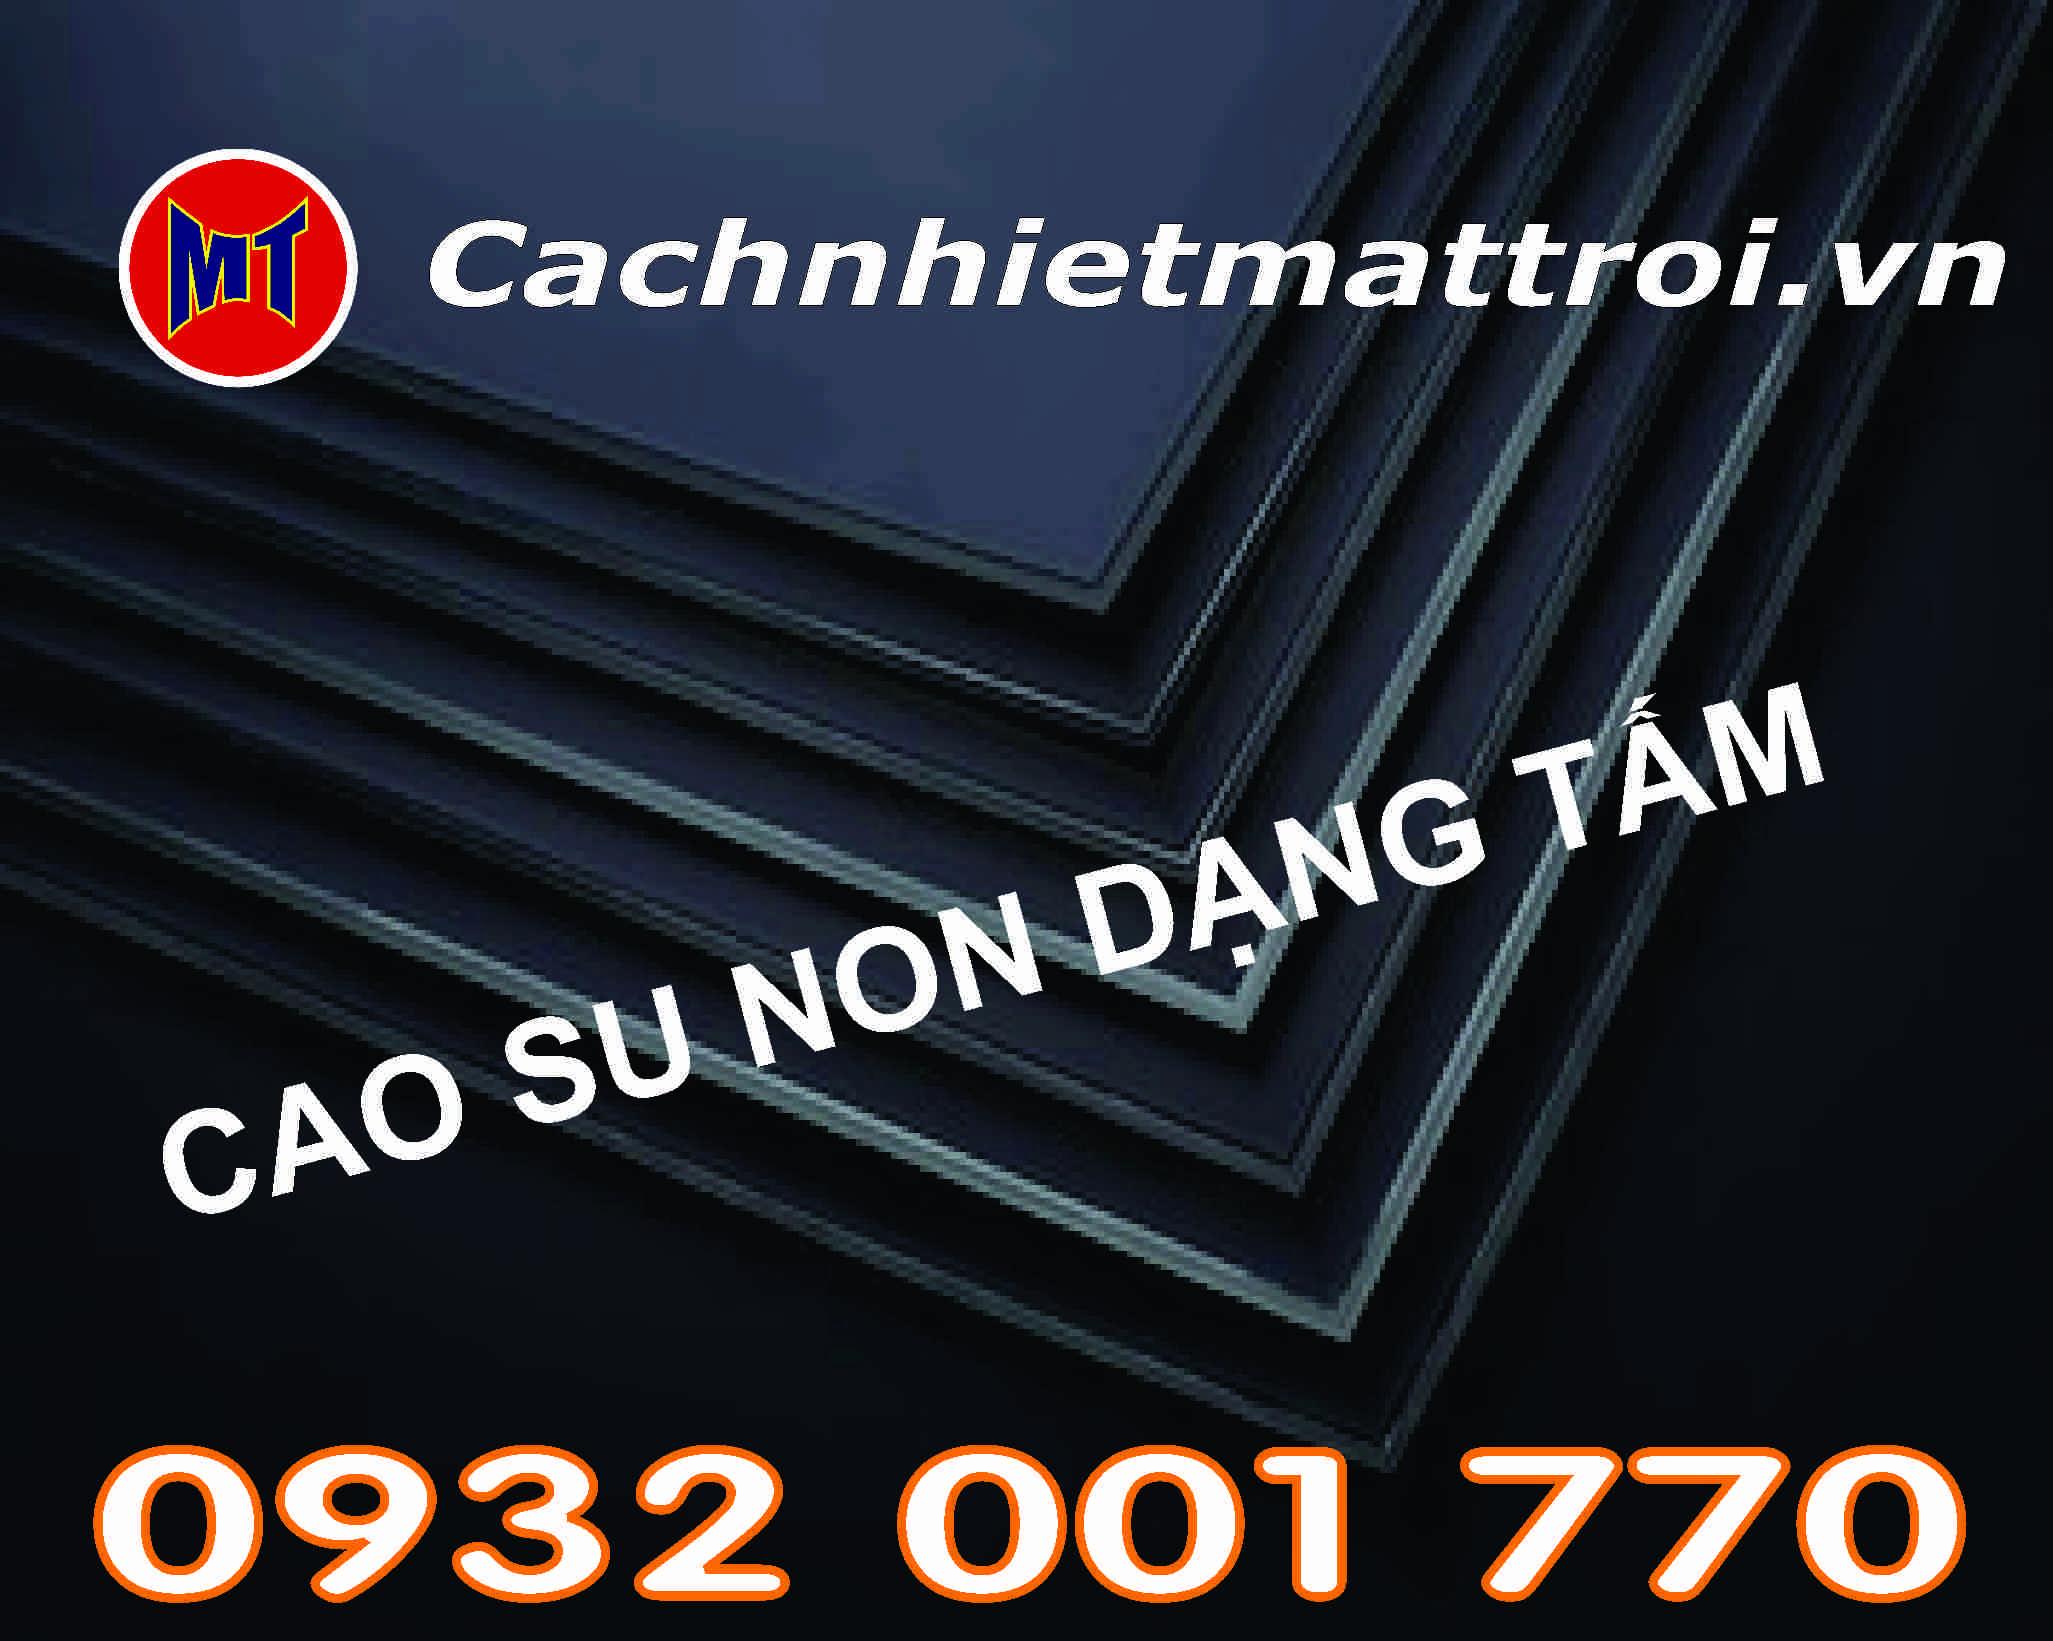 hình ảnh sản phẩm Cao su non cách âm chống rung dạng tấm dày 10mm  - Rubber Sheet_ D10